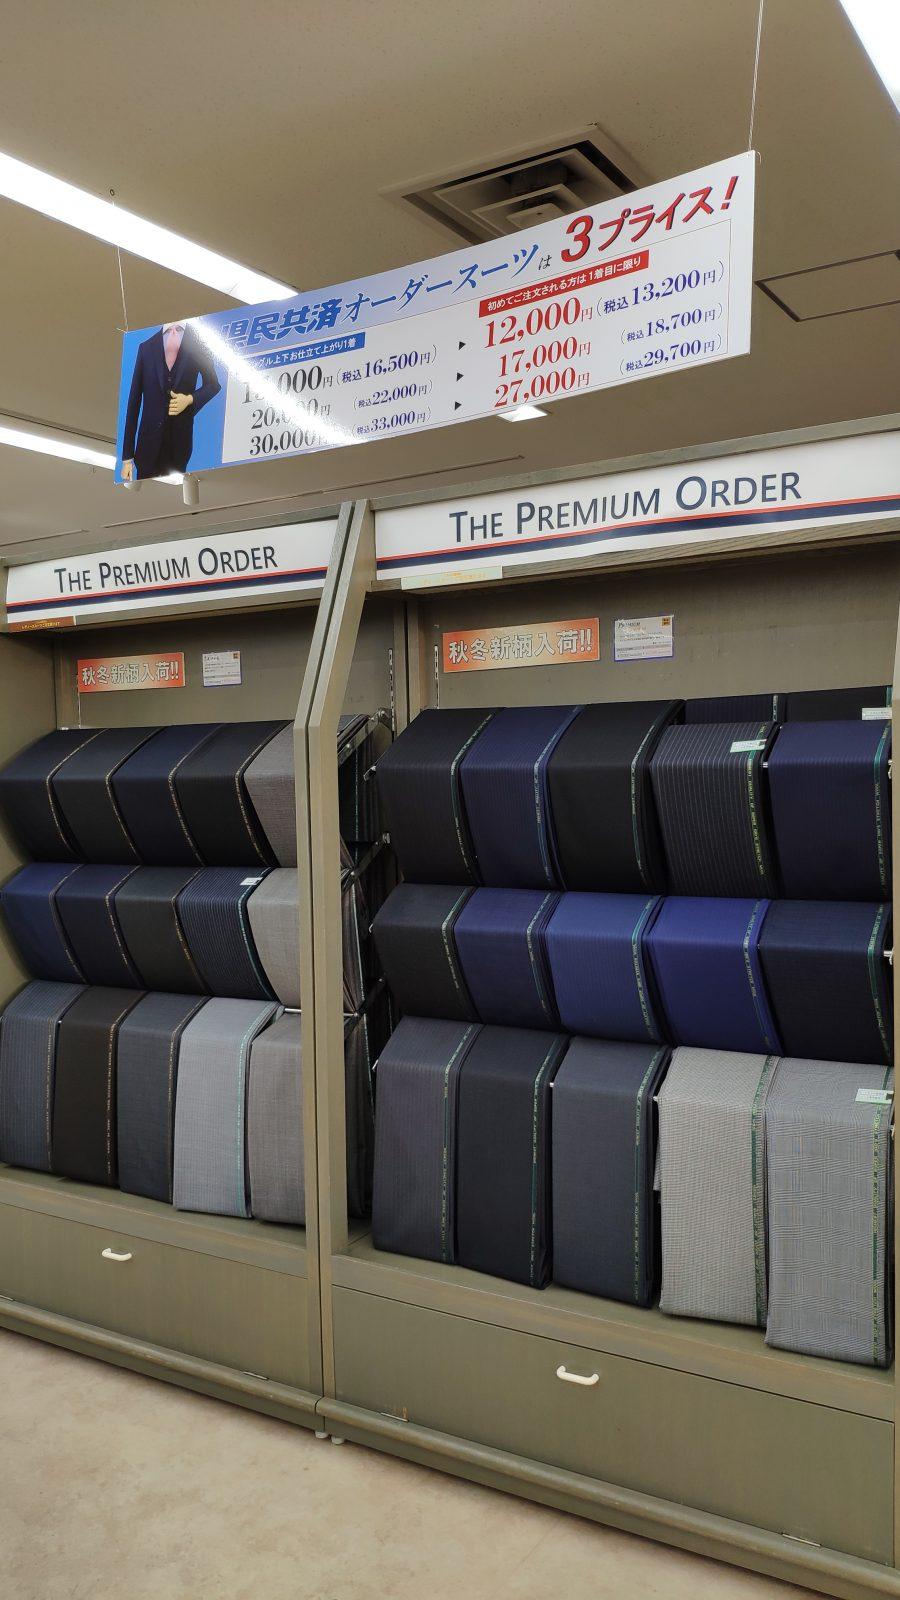 スーツの価格は生地の品質別に3段階あります